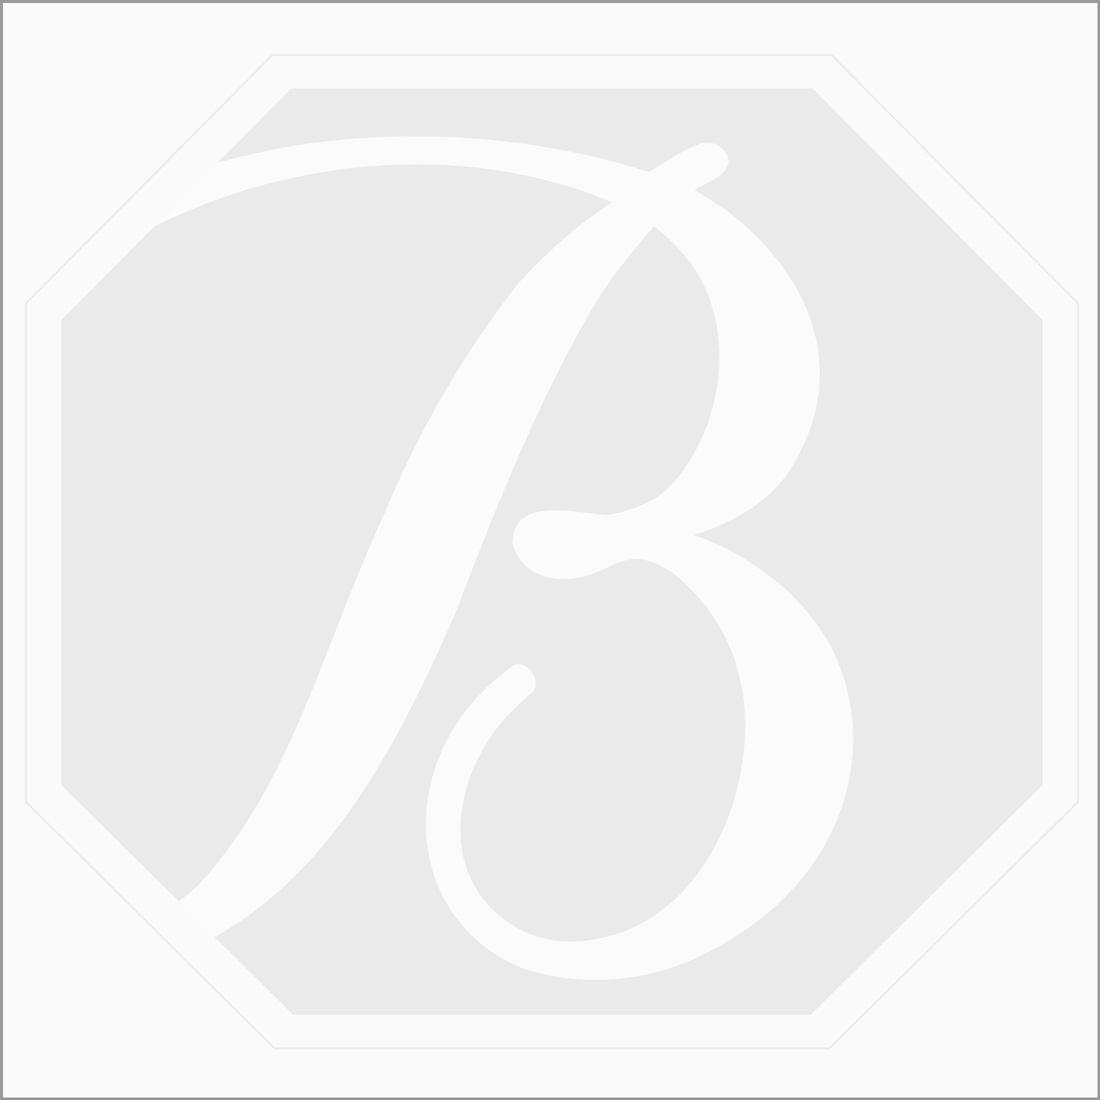 4 Pcs - 35.65 ct. - Green Tourmaline Rose Cut -15.9 x 13.8 x 4.3 mm to 19 x 16.3 x 4.6 mm (TRC1116)